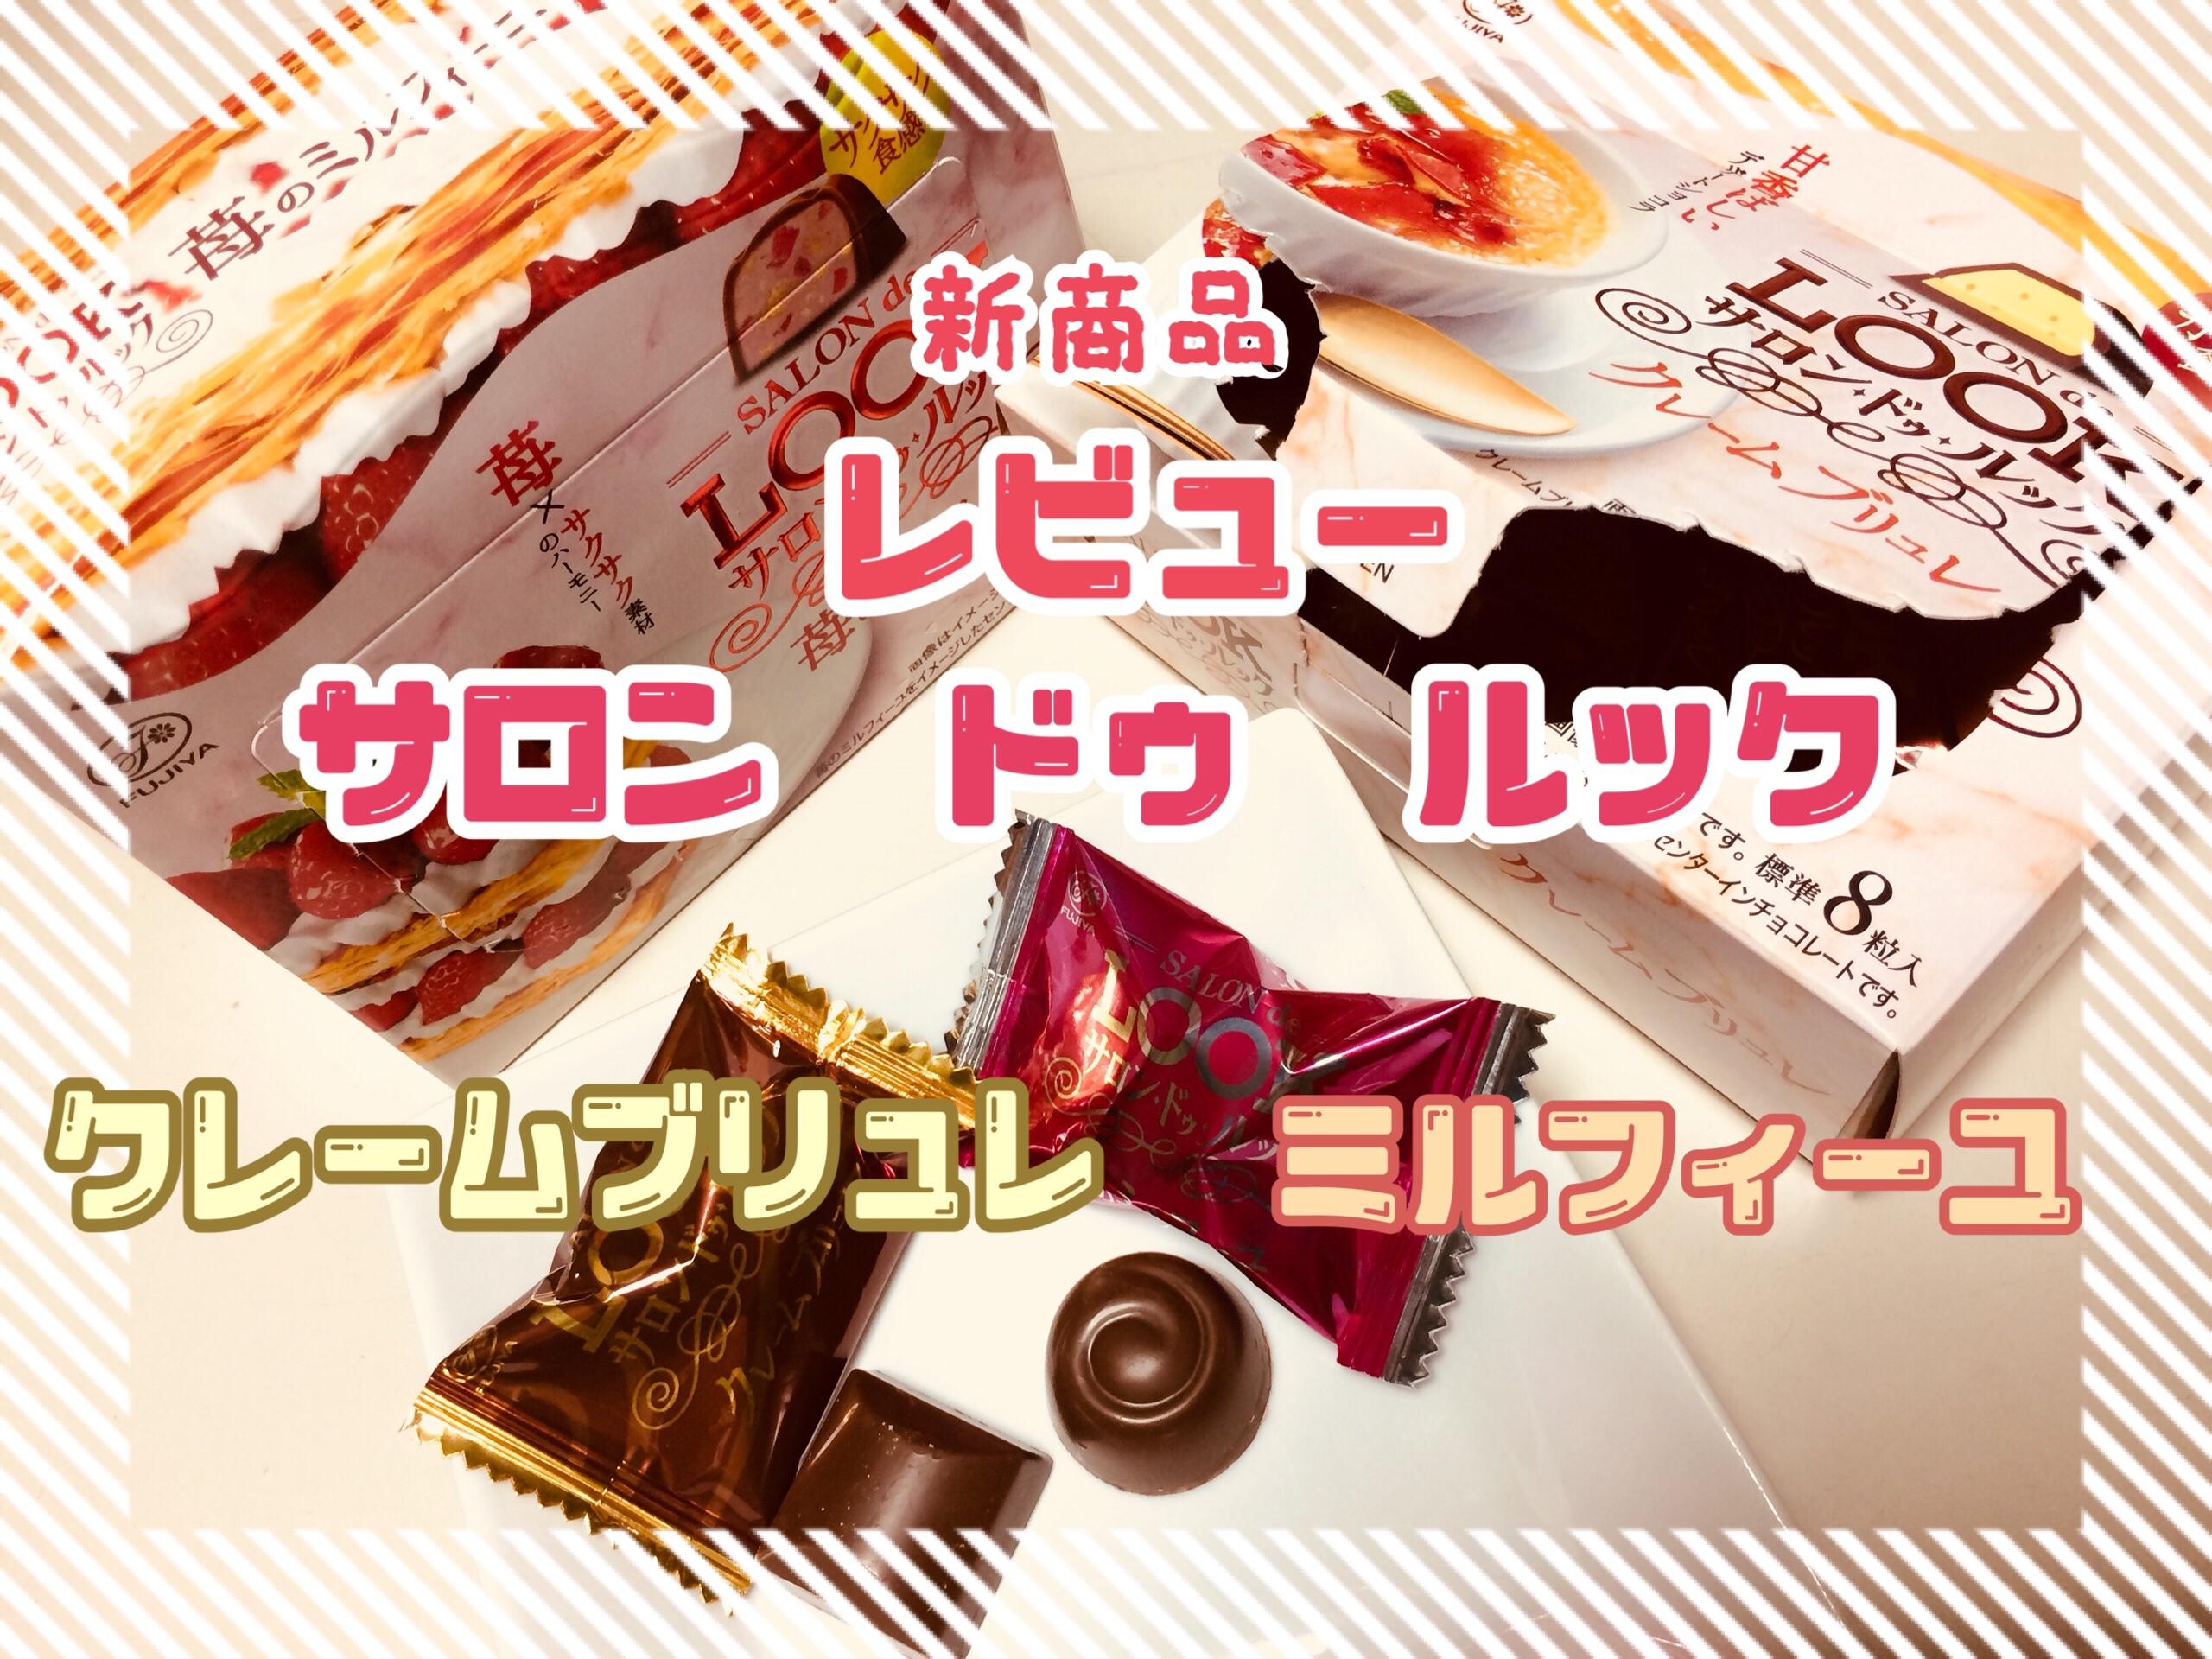 【レビュー】新発売LOOK!サロン・ドゥ・ルック(クレームブリュレ&苺のミルフィーユ)どっちが美味しい?【比較】